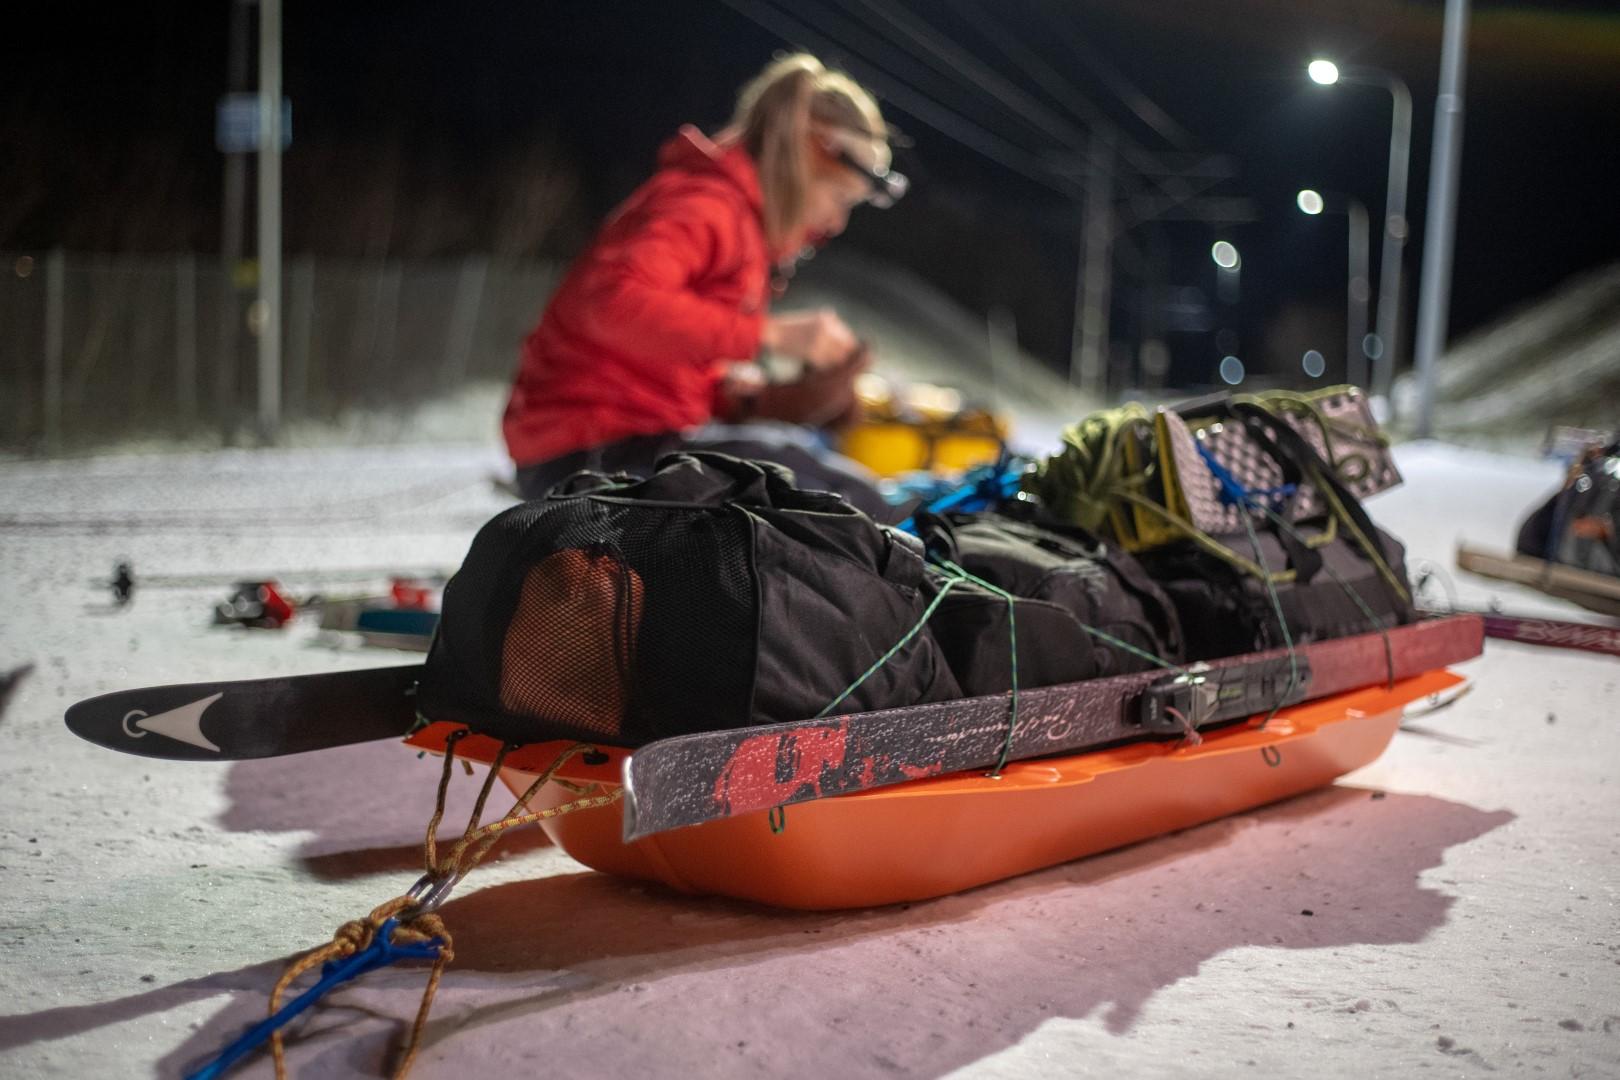 Pulka chargée pour parcourir le Kungsleden en Laponie en skis nordiques